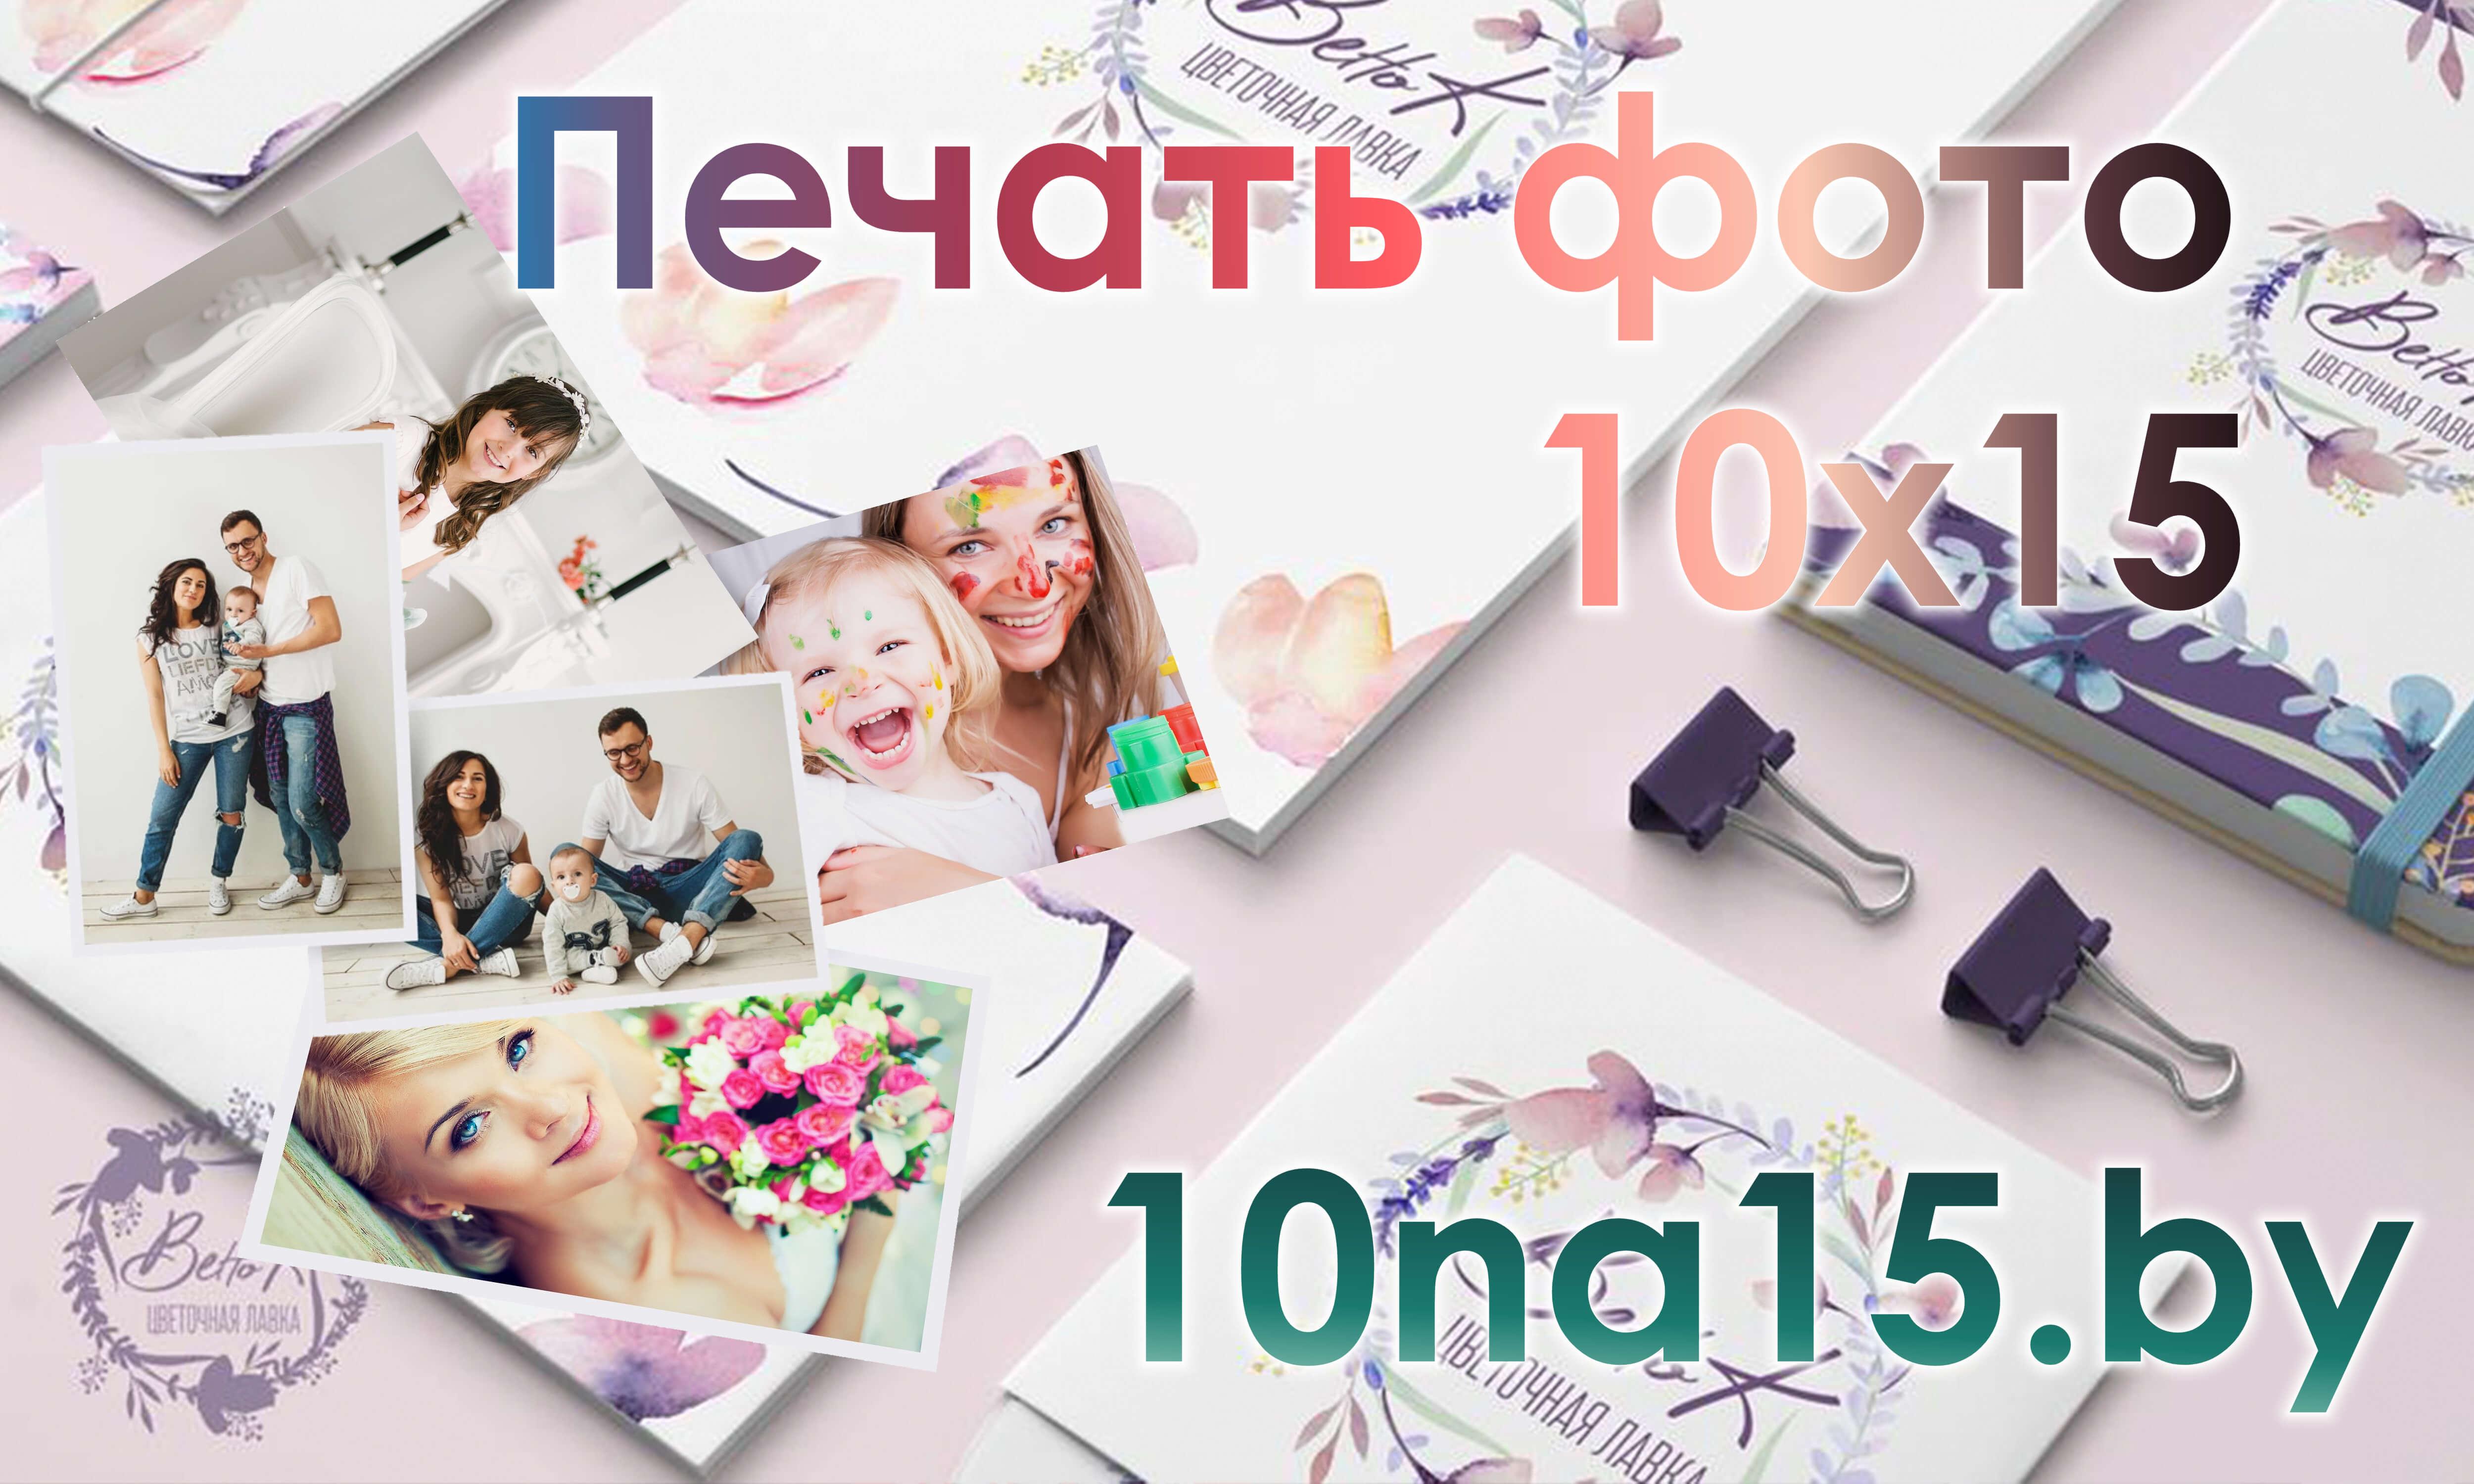 Печать фотографий тольятти дешево